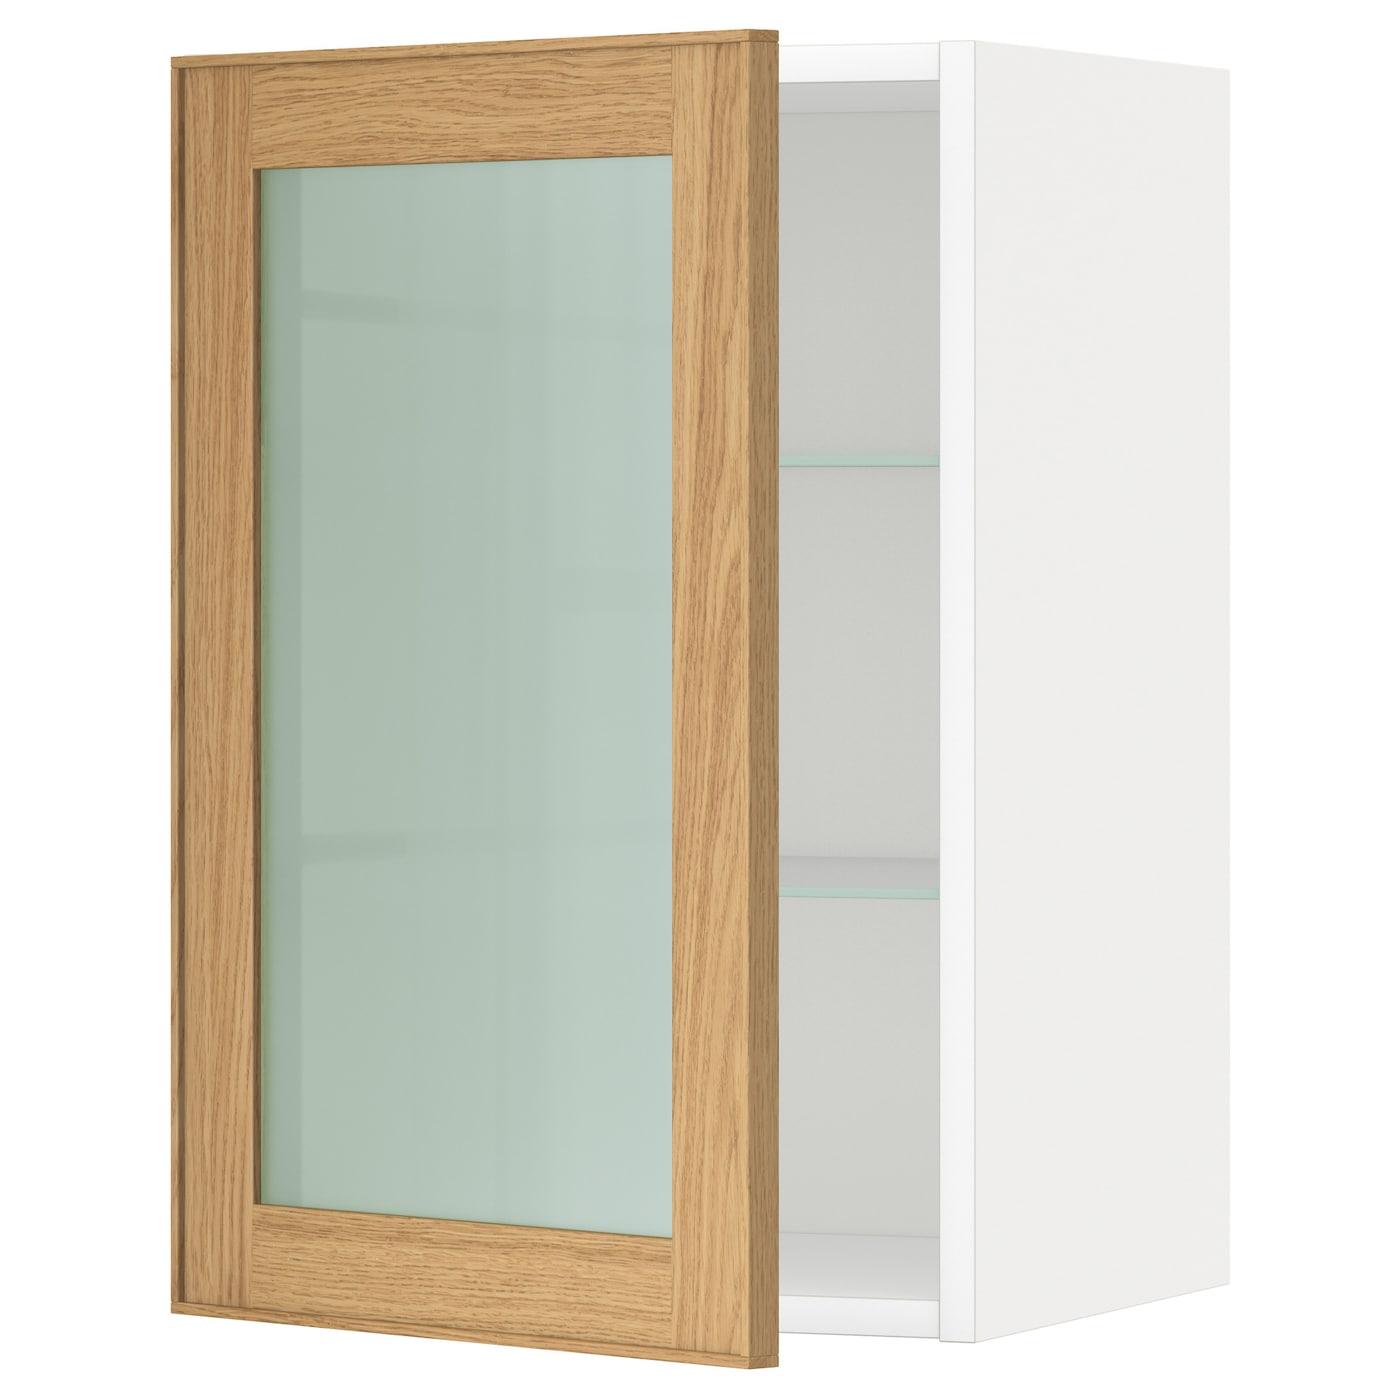 Ikea Kitchen Cabinet Construction: METOD Wall Cabinet W Shelves/glass Door White/ekestad Oak